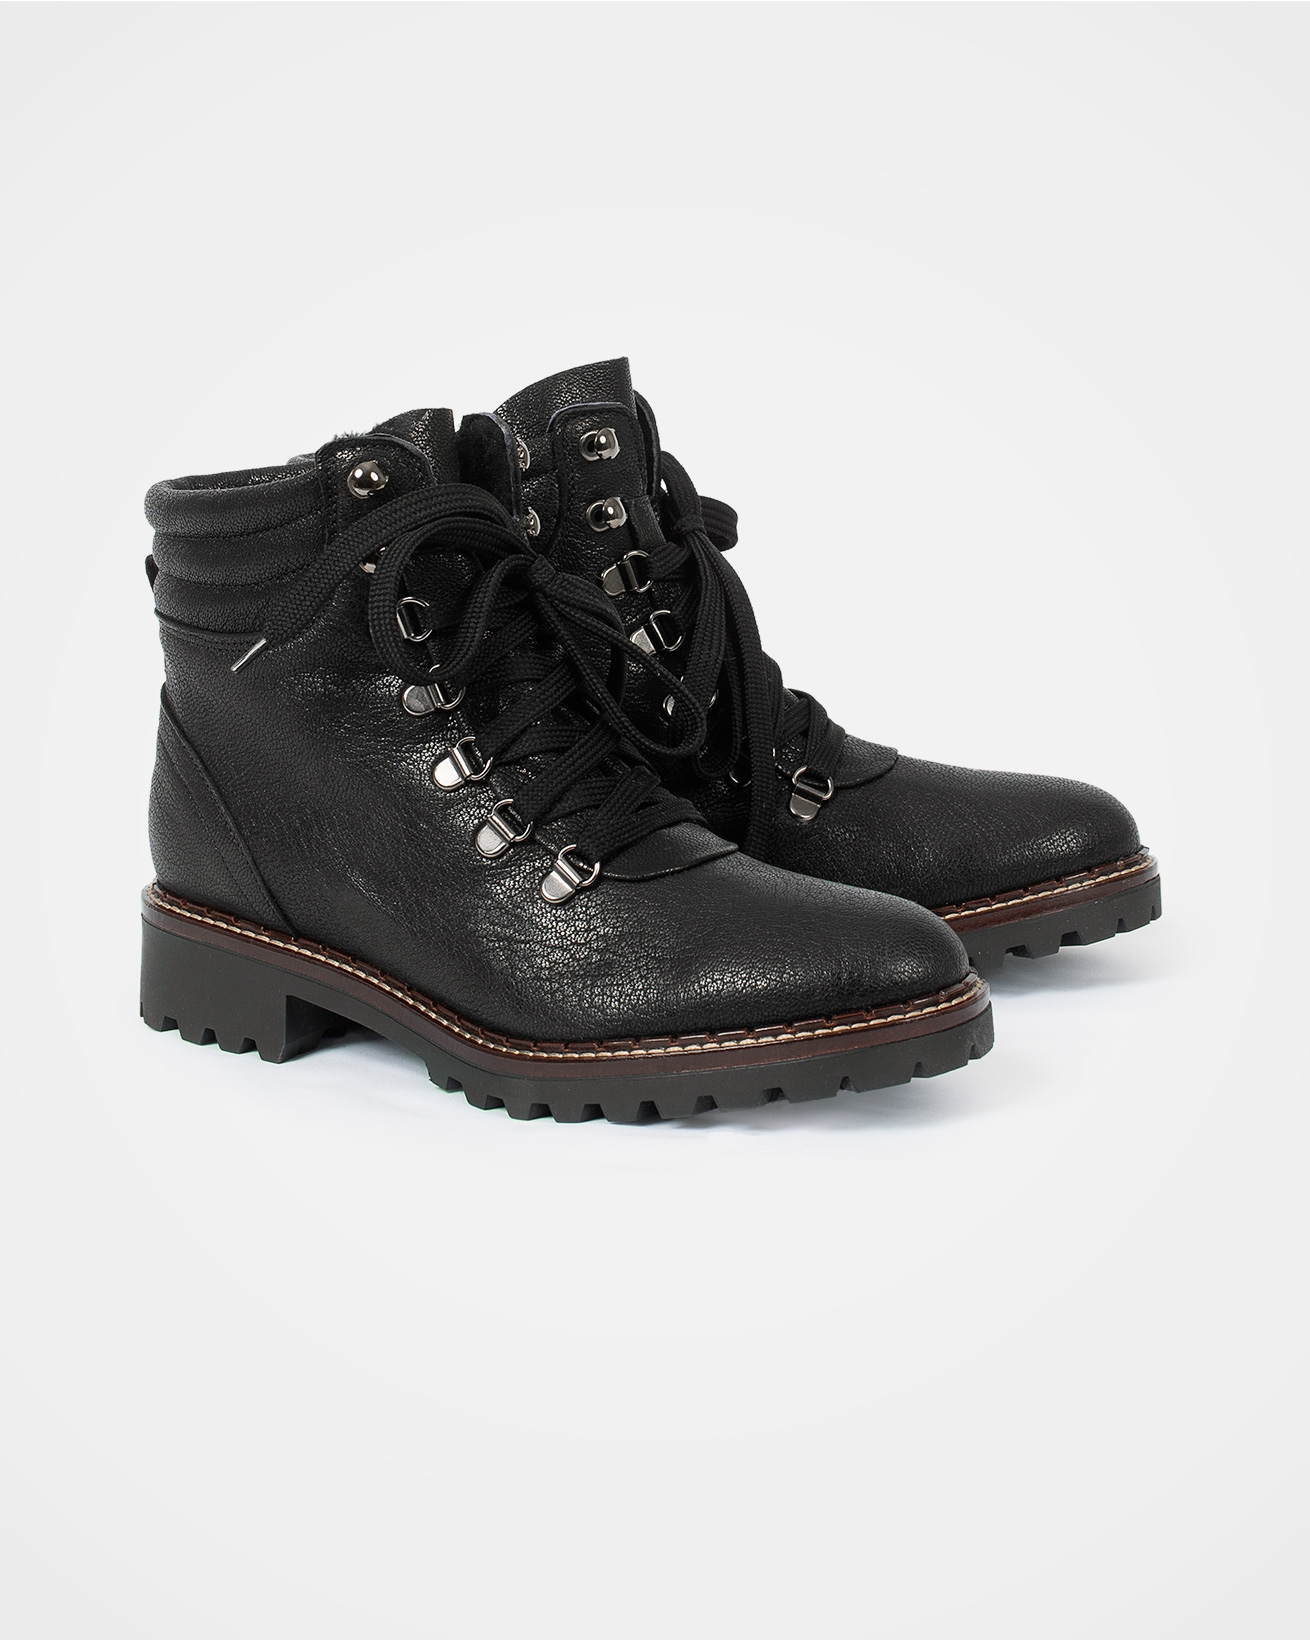 7621_hiker-boot_black-leather_pair.jpg